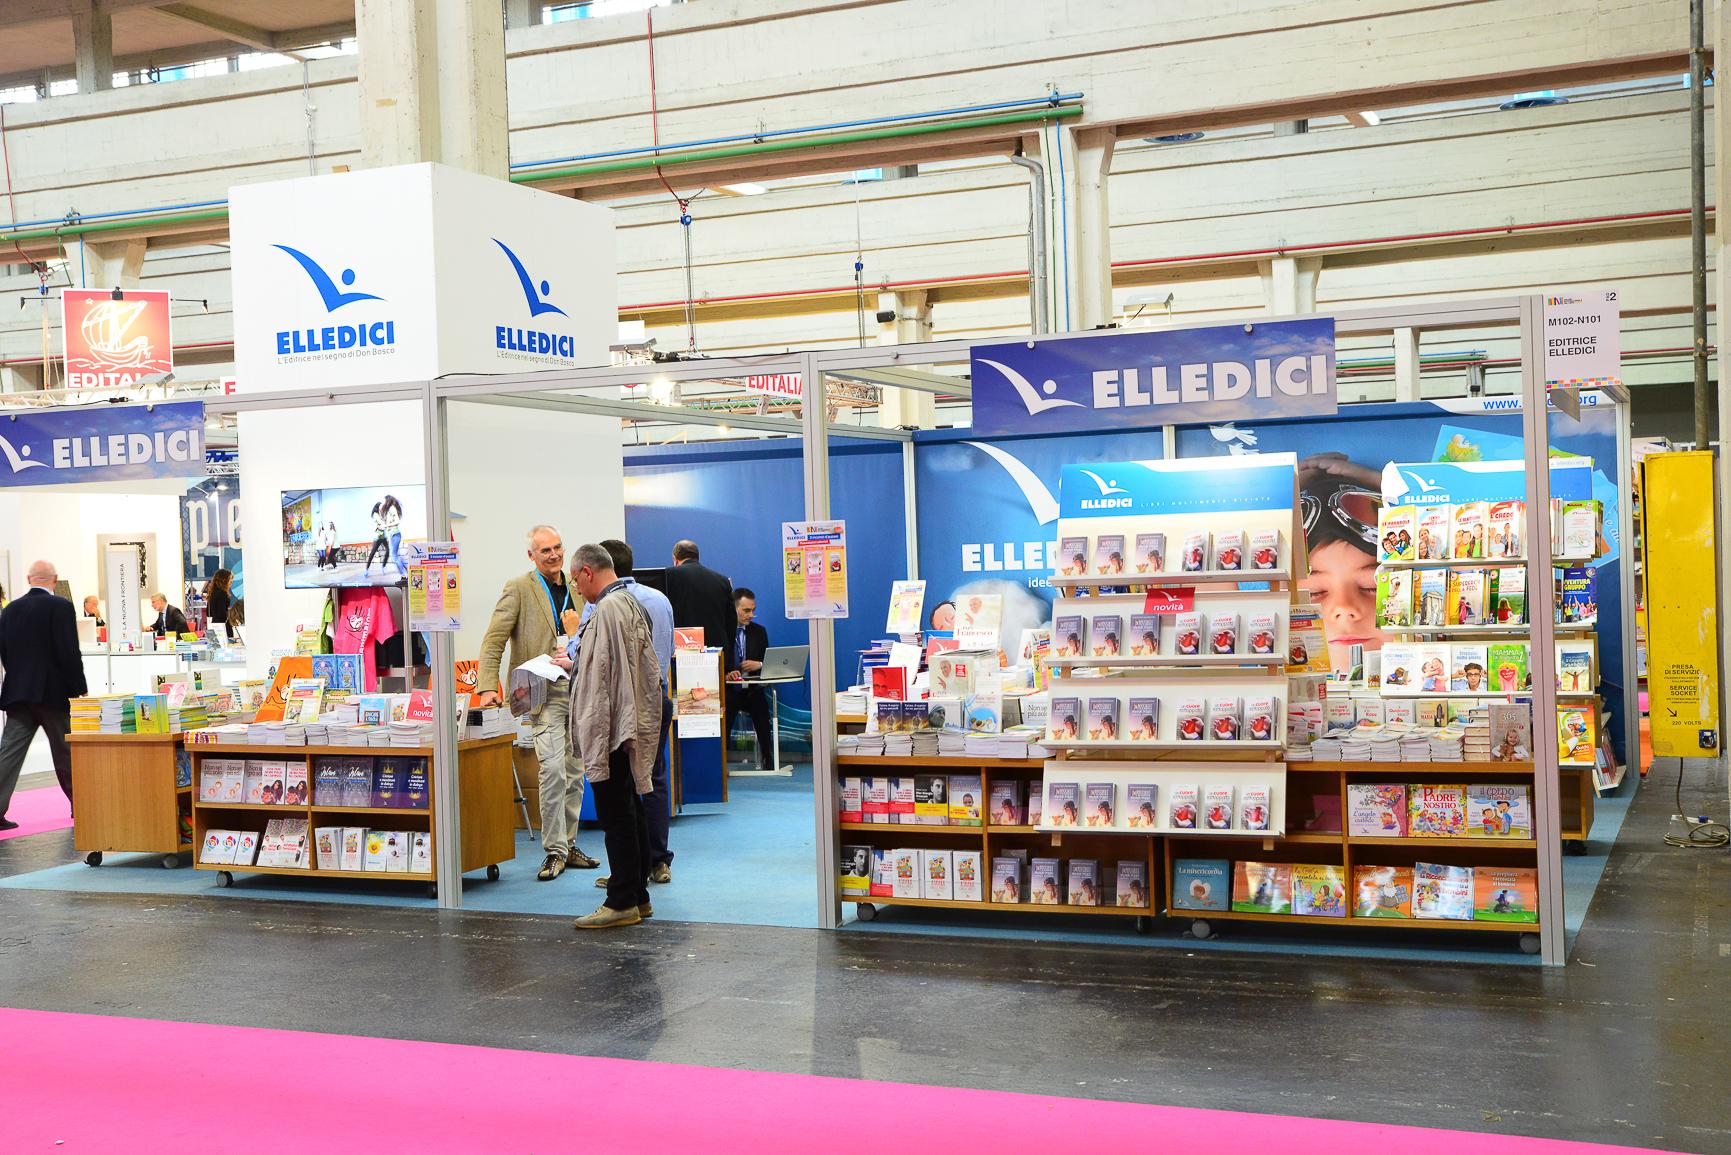 File:Elledici al Salone Internazionale del libro di Torino.jpg ...